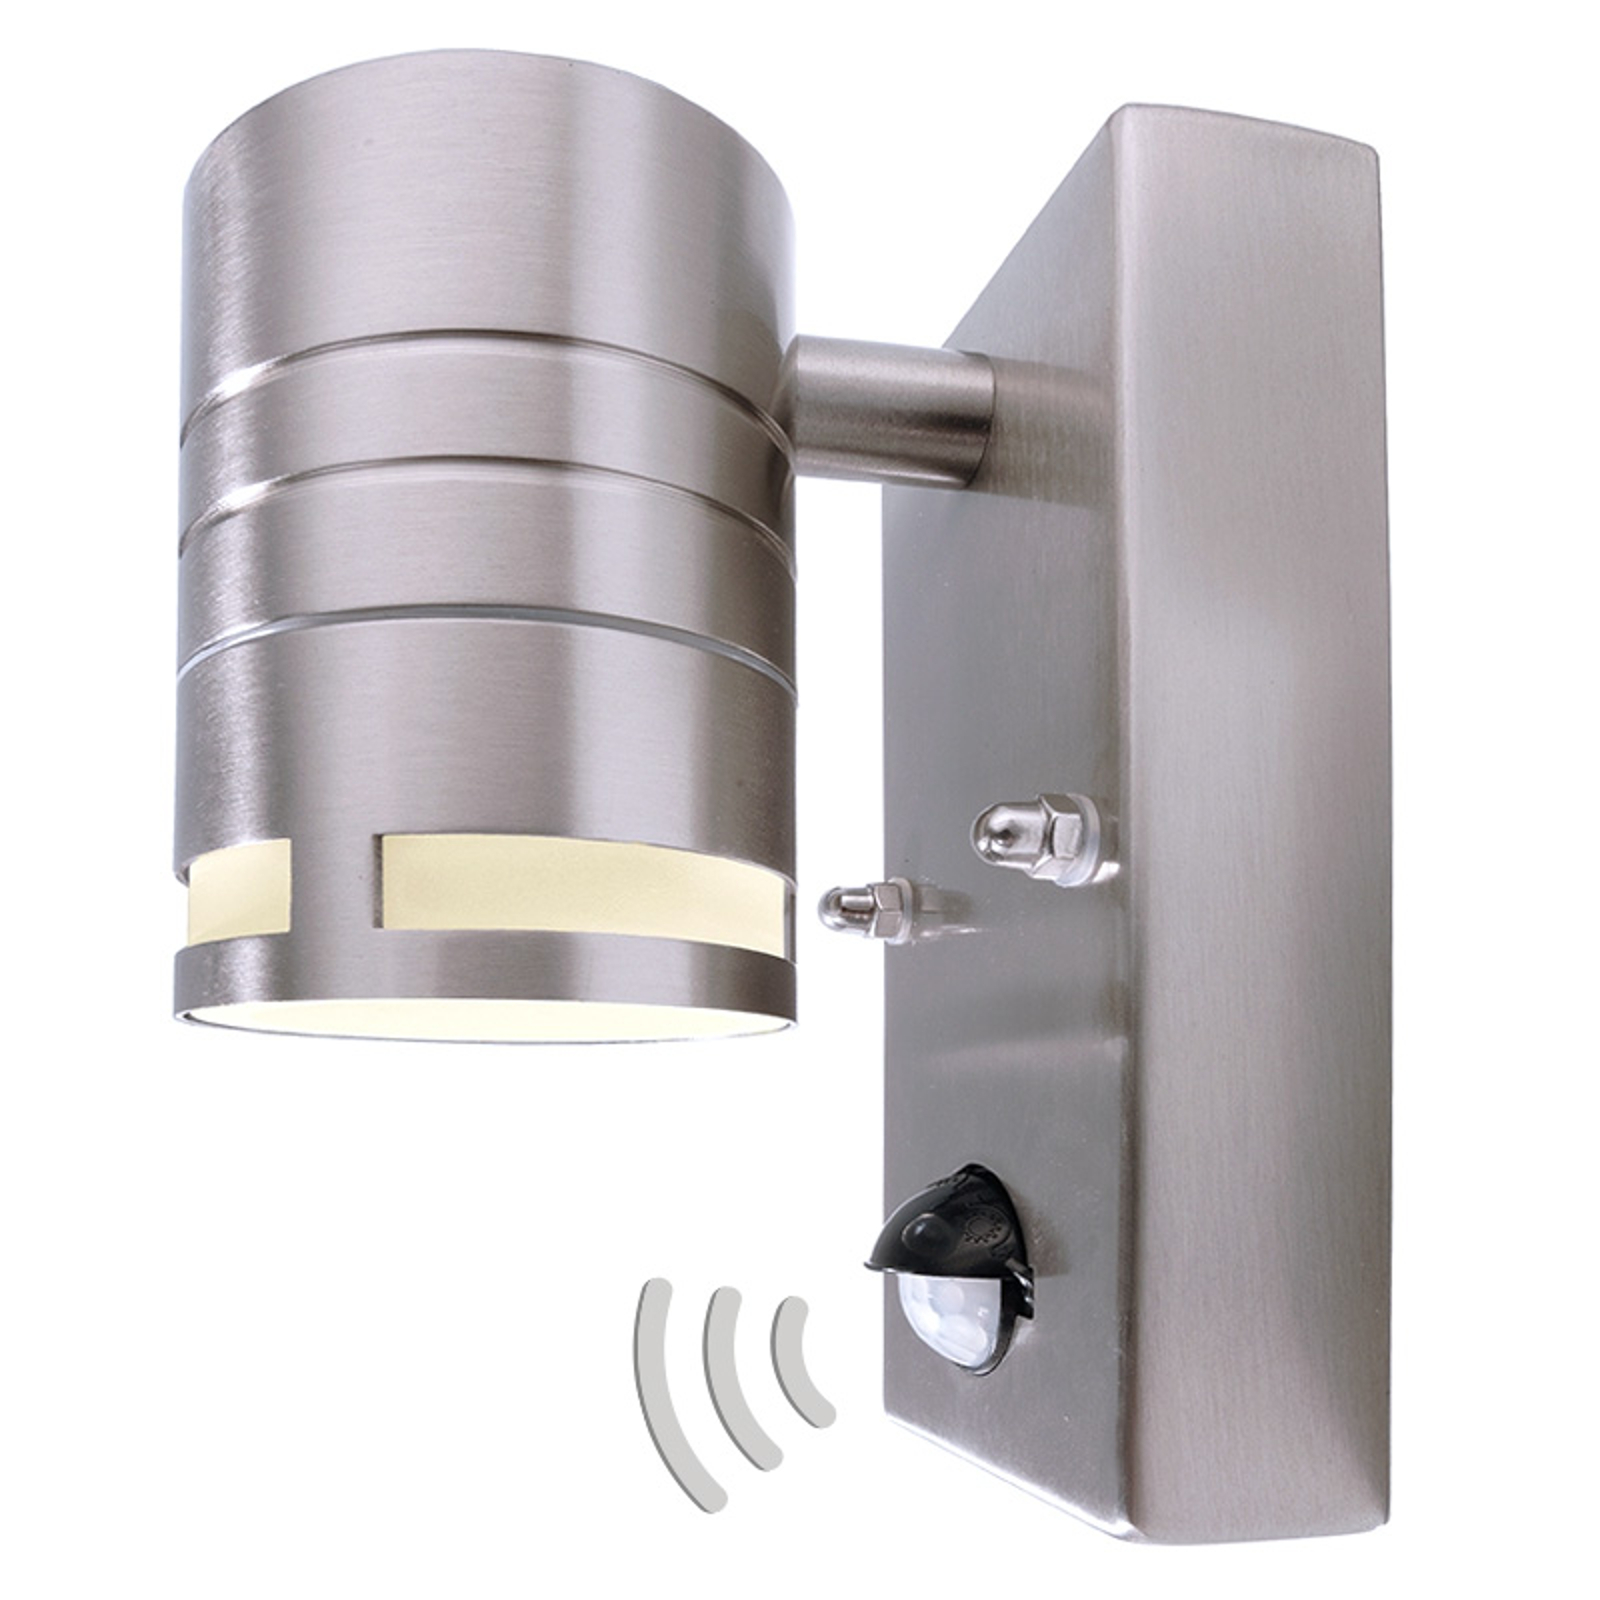 Kleine wandlamp Zilly II met bewegingsmelder